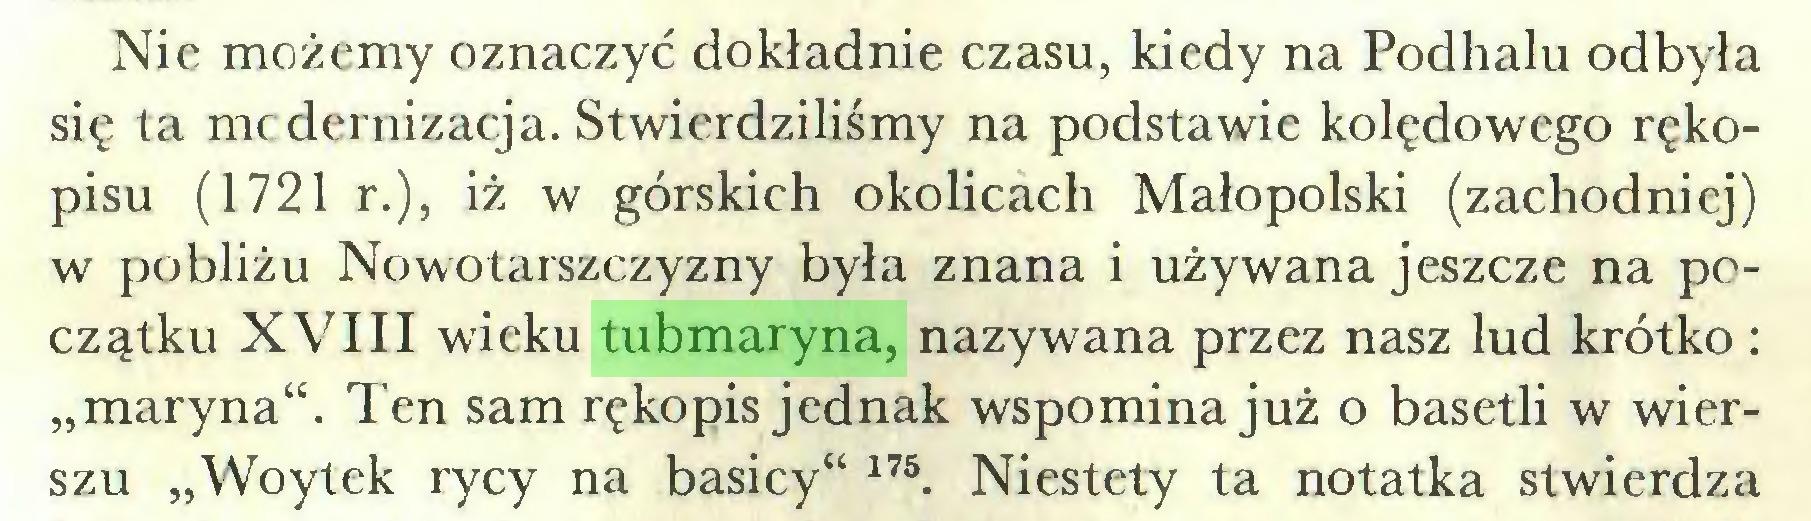 """(...) Nie możemy oznaczyć dokładnie czasu, kiedy na Podhalu odbyła się ta mcdernizacja. Stwierdziliśmy na podstawie kolędowego rękopisu (1721 r.), iż w górskich okolicach Małopolski (zachodniej) w pobliżu Nowotarszczyzny była znana i używana jeszcze na początku XVIII wieku tubmaryna, nazywana przez nasz lud krótko : """"maryna"""". Ten sam rękopis jednak wspomina już o basetli w wierszu """"Woytek rycy na basicy"""" 17S 176. Niestety ta notatka stwierdza..."""